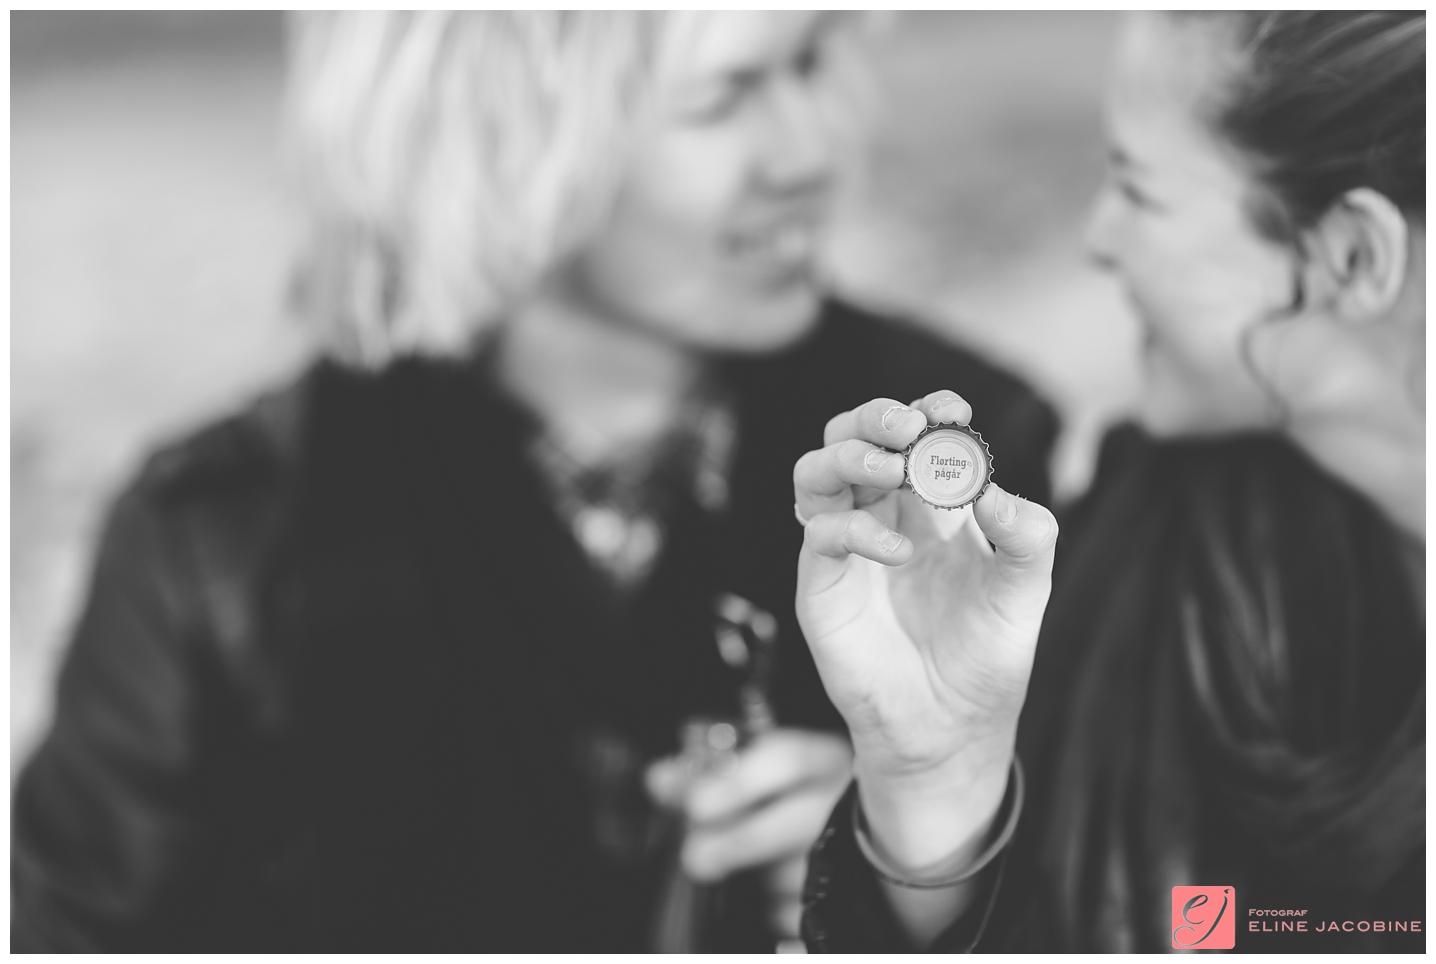 Son-Kjærestefotografering-Fotograf-Eline-Jacobine-Lene-og-Morten_0024